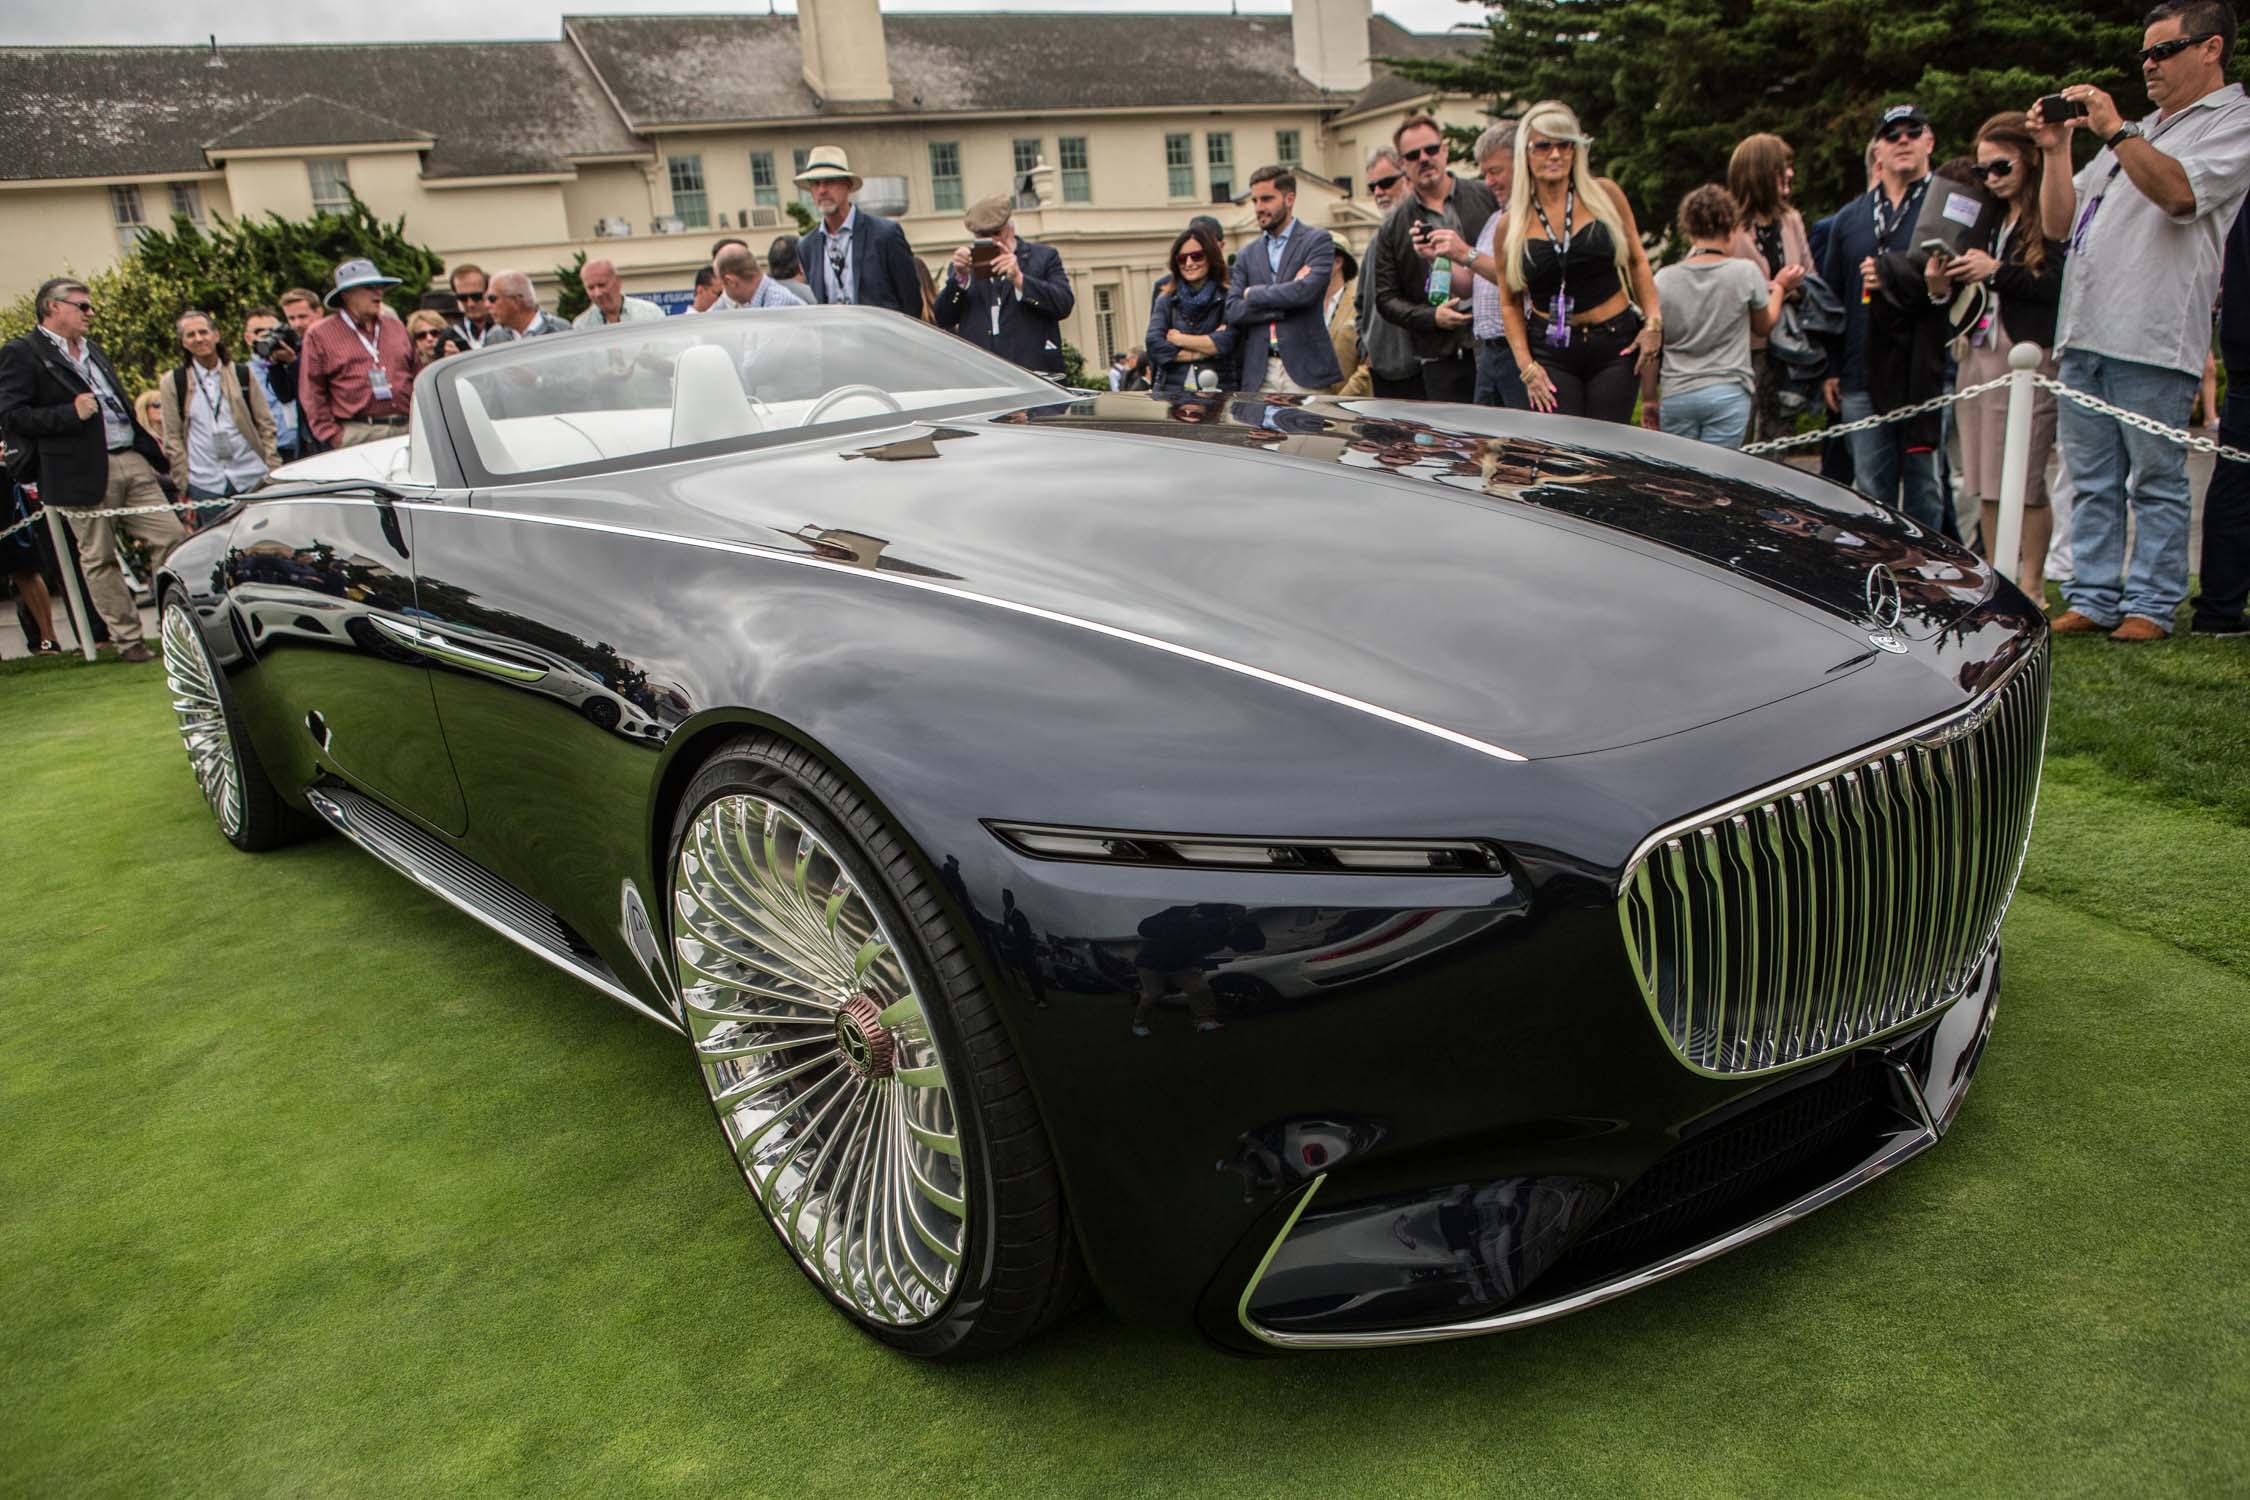 2017 pebble beach concours concept cars autonxt - Pebble beach car show ...